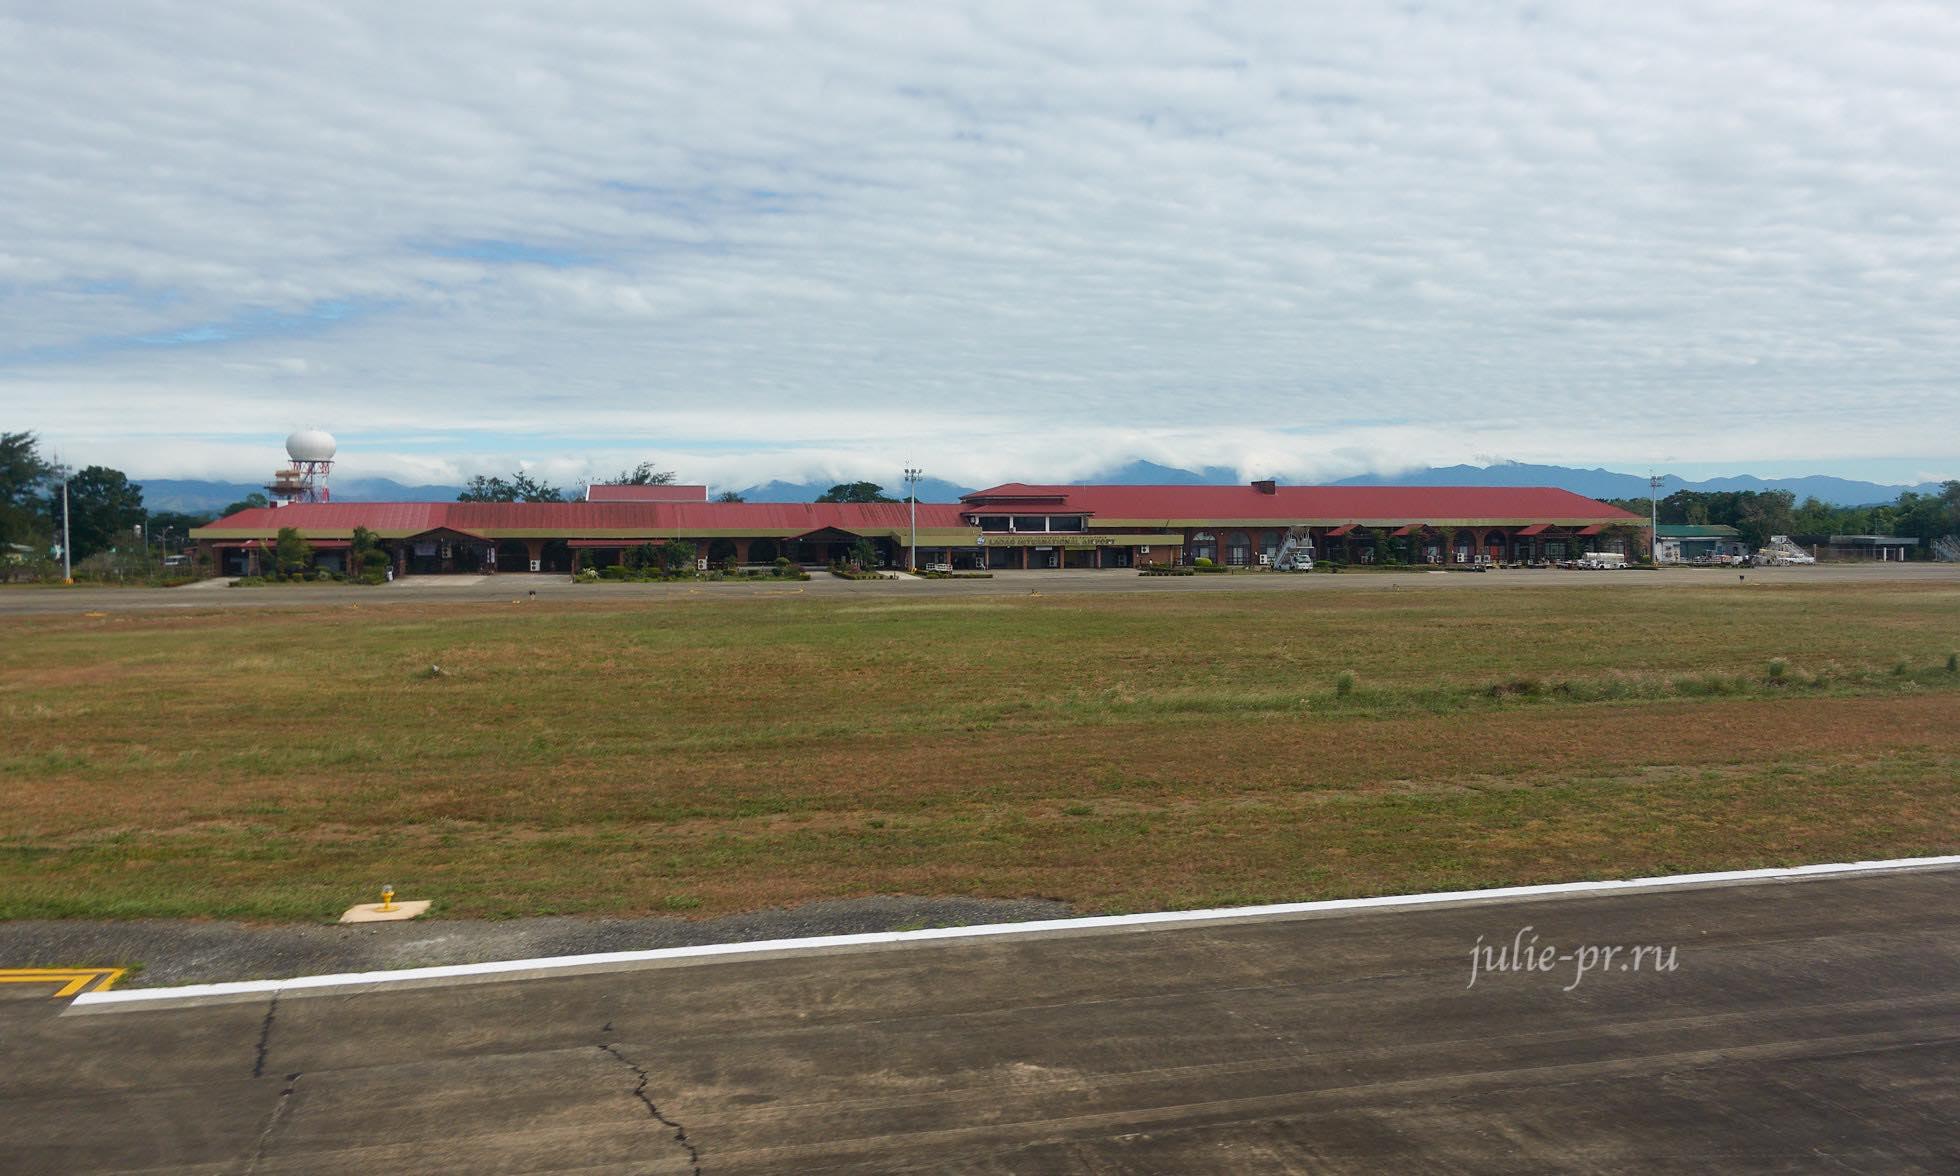 Филиппины, Лаоаг, аэропорт